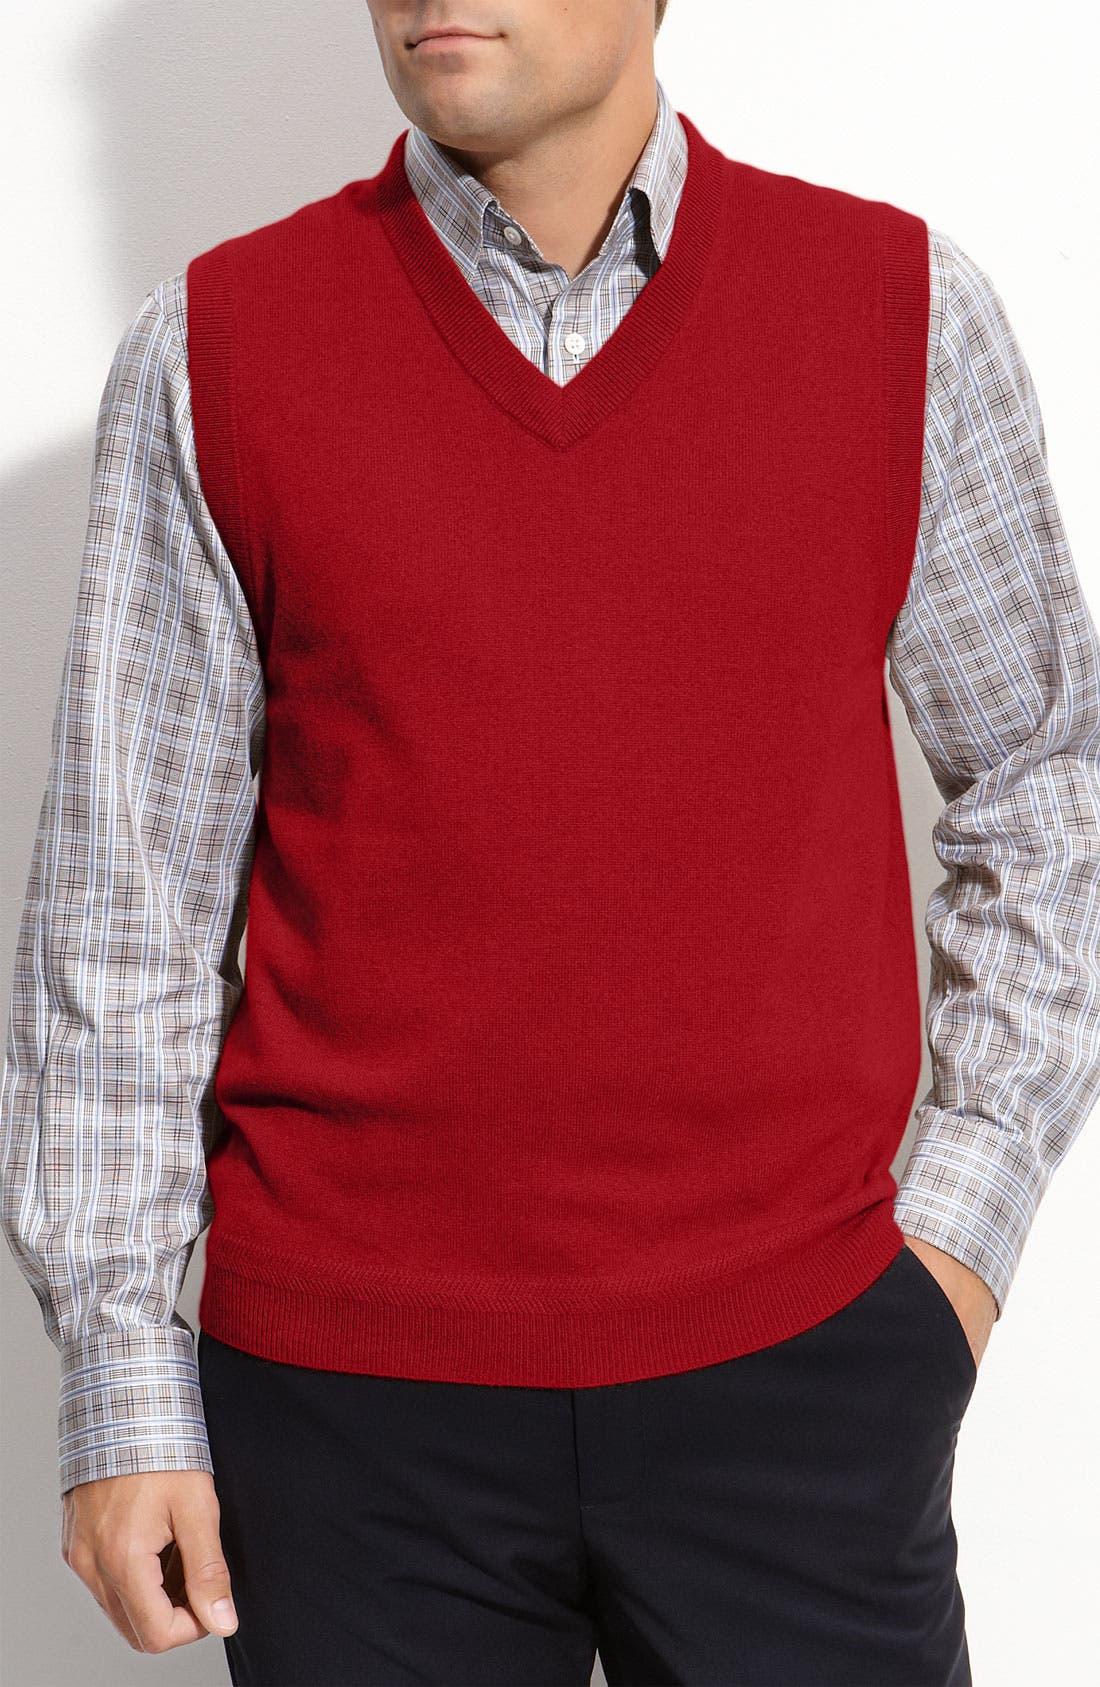 Alternate Image 1 Selected - John W. Nordstrom® Cashmere Vest